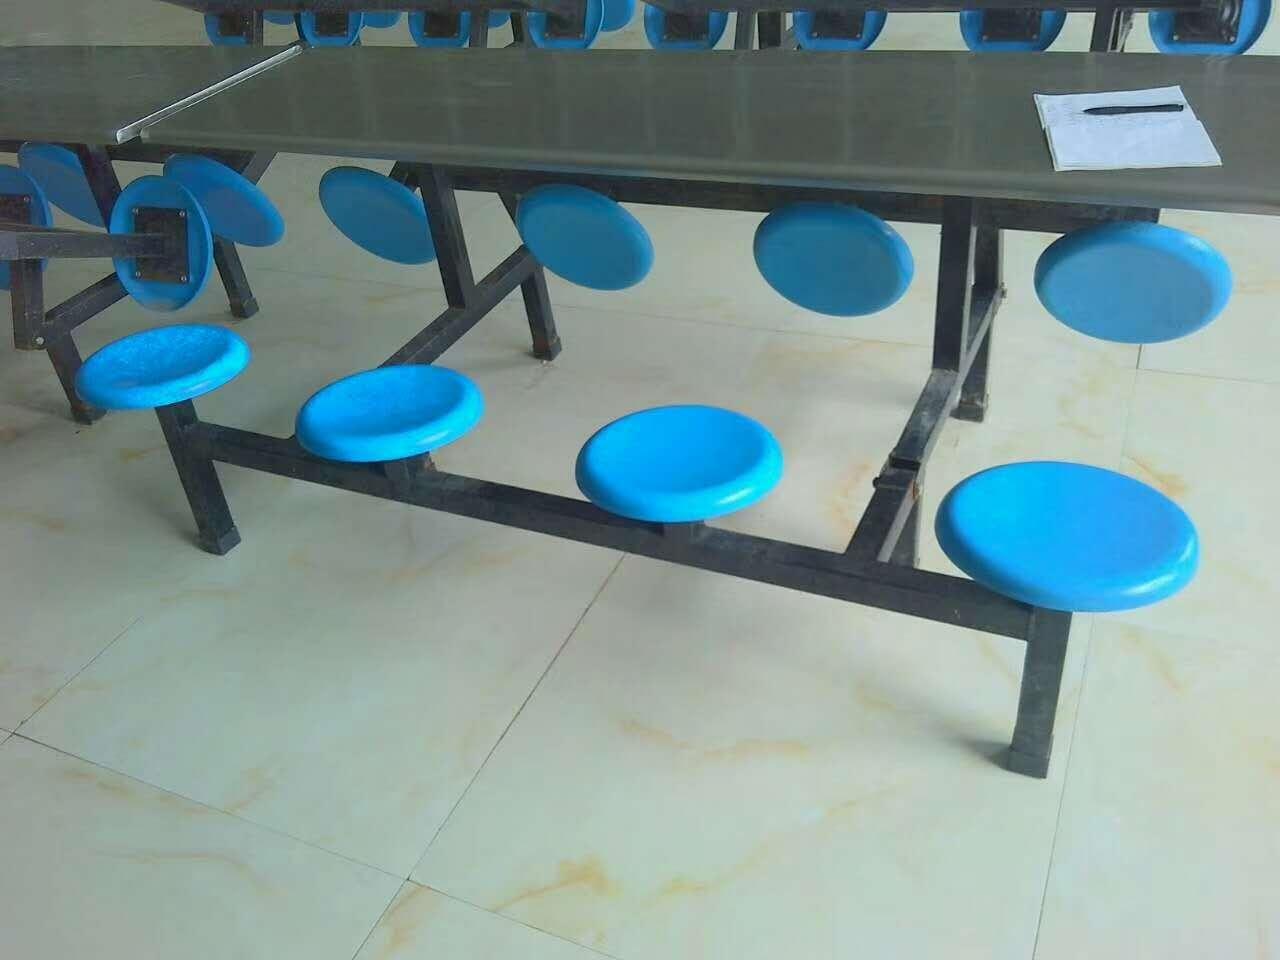 食堂餐桌椅什么材质好 食堂餐桌椅的尺寸规格